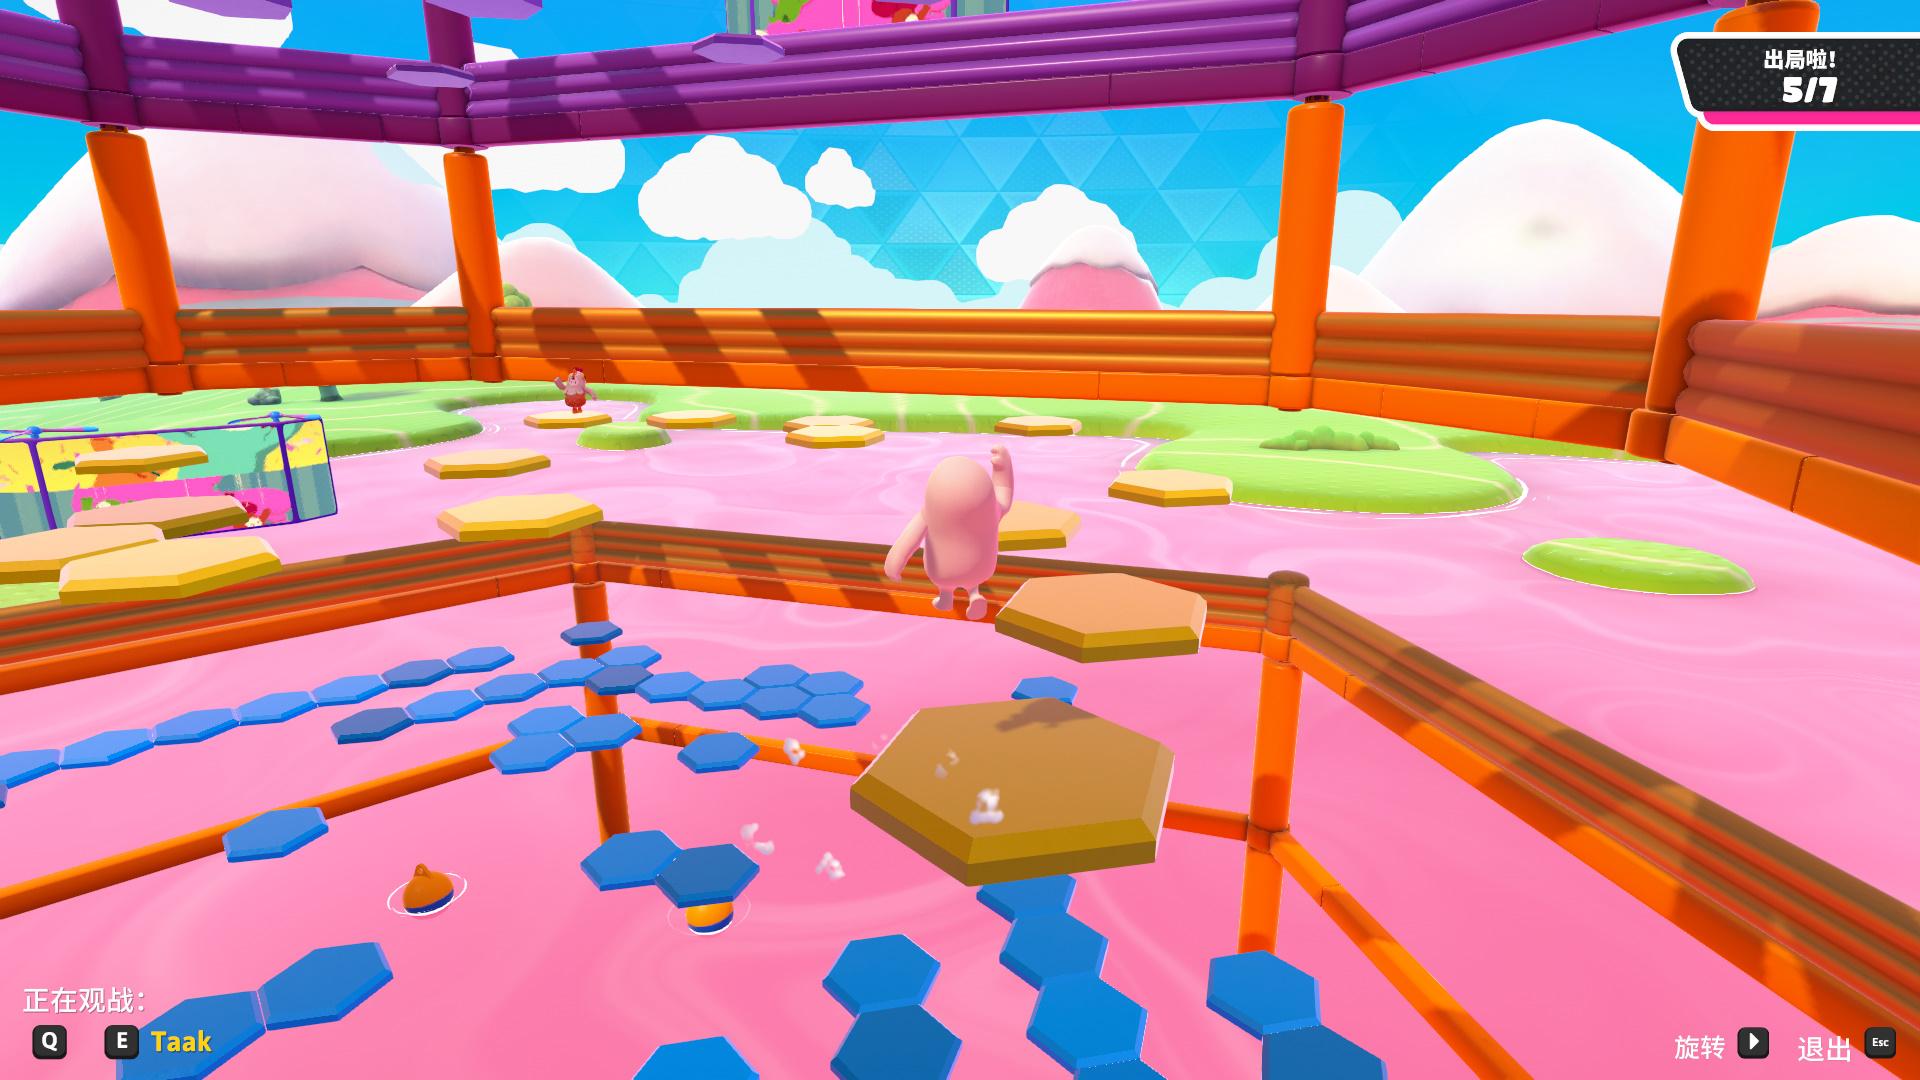 游戏中的博弈论 《糖豆人》为大逃杀展开了一条新思路 (9)